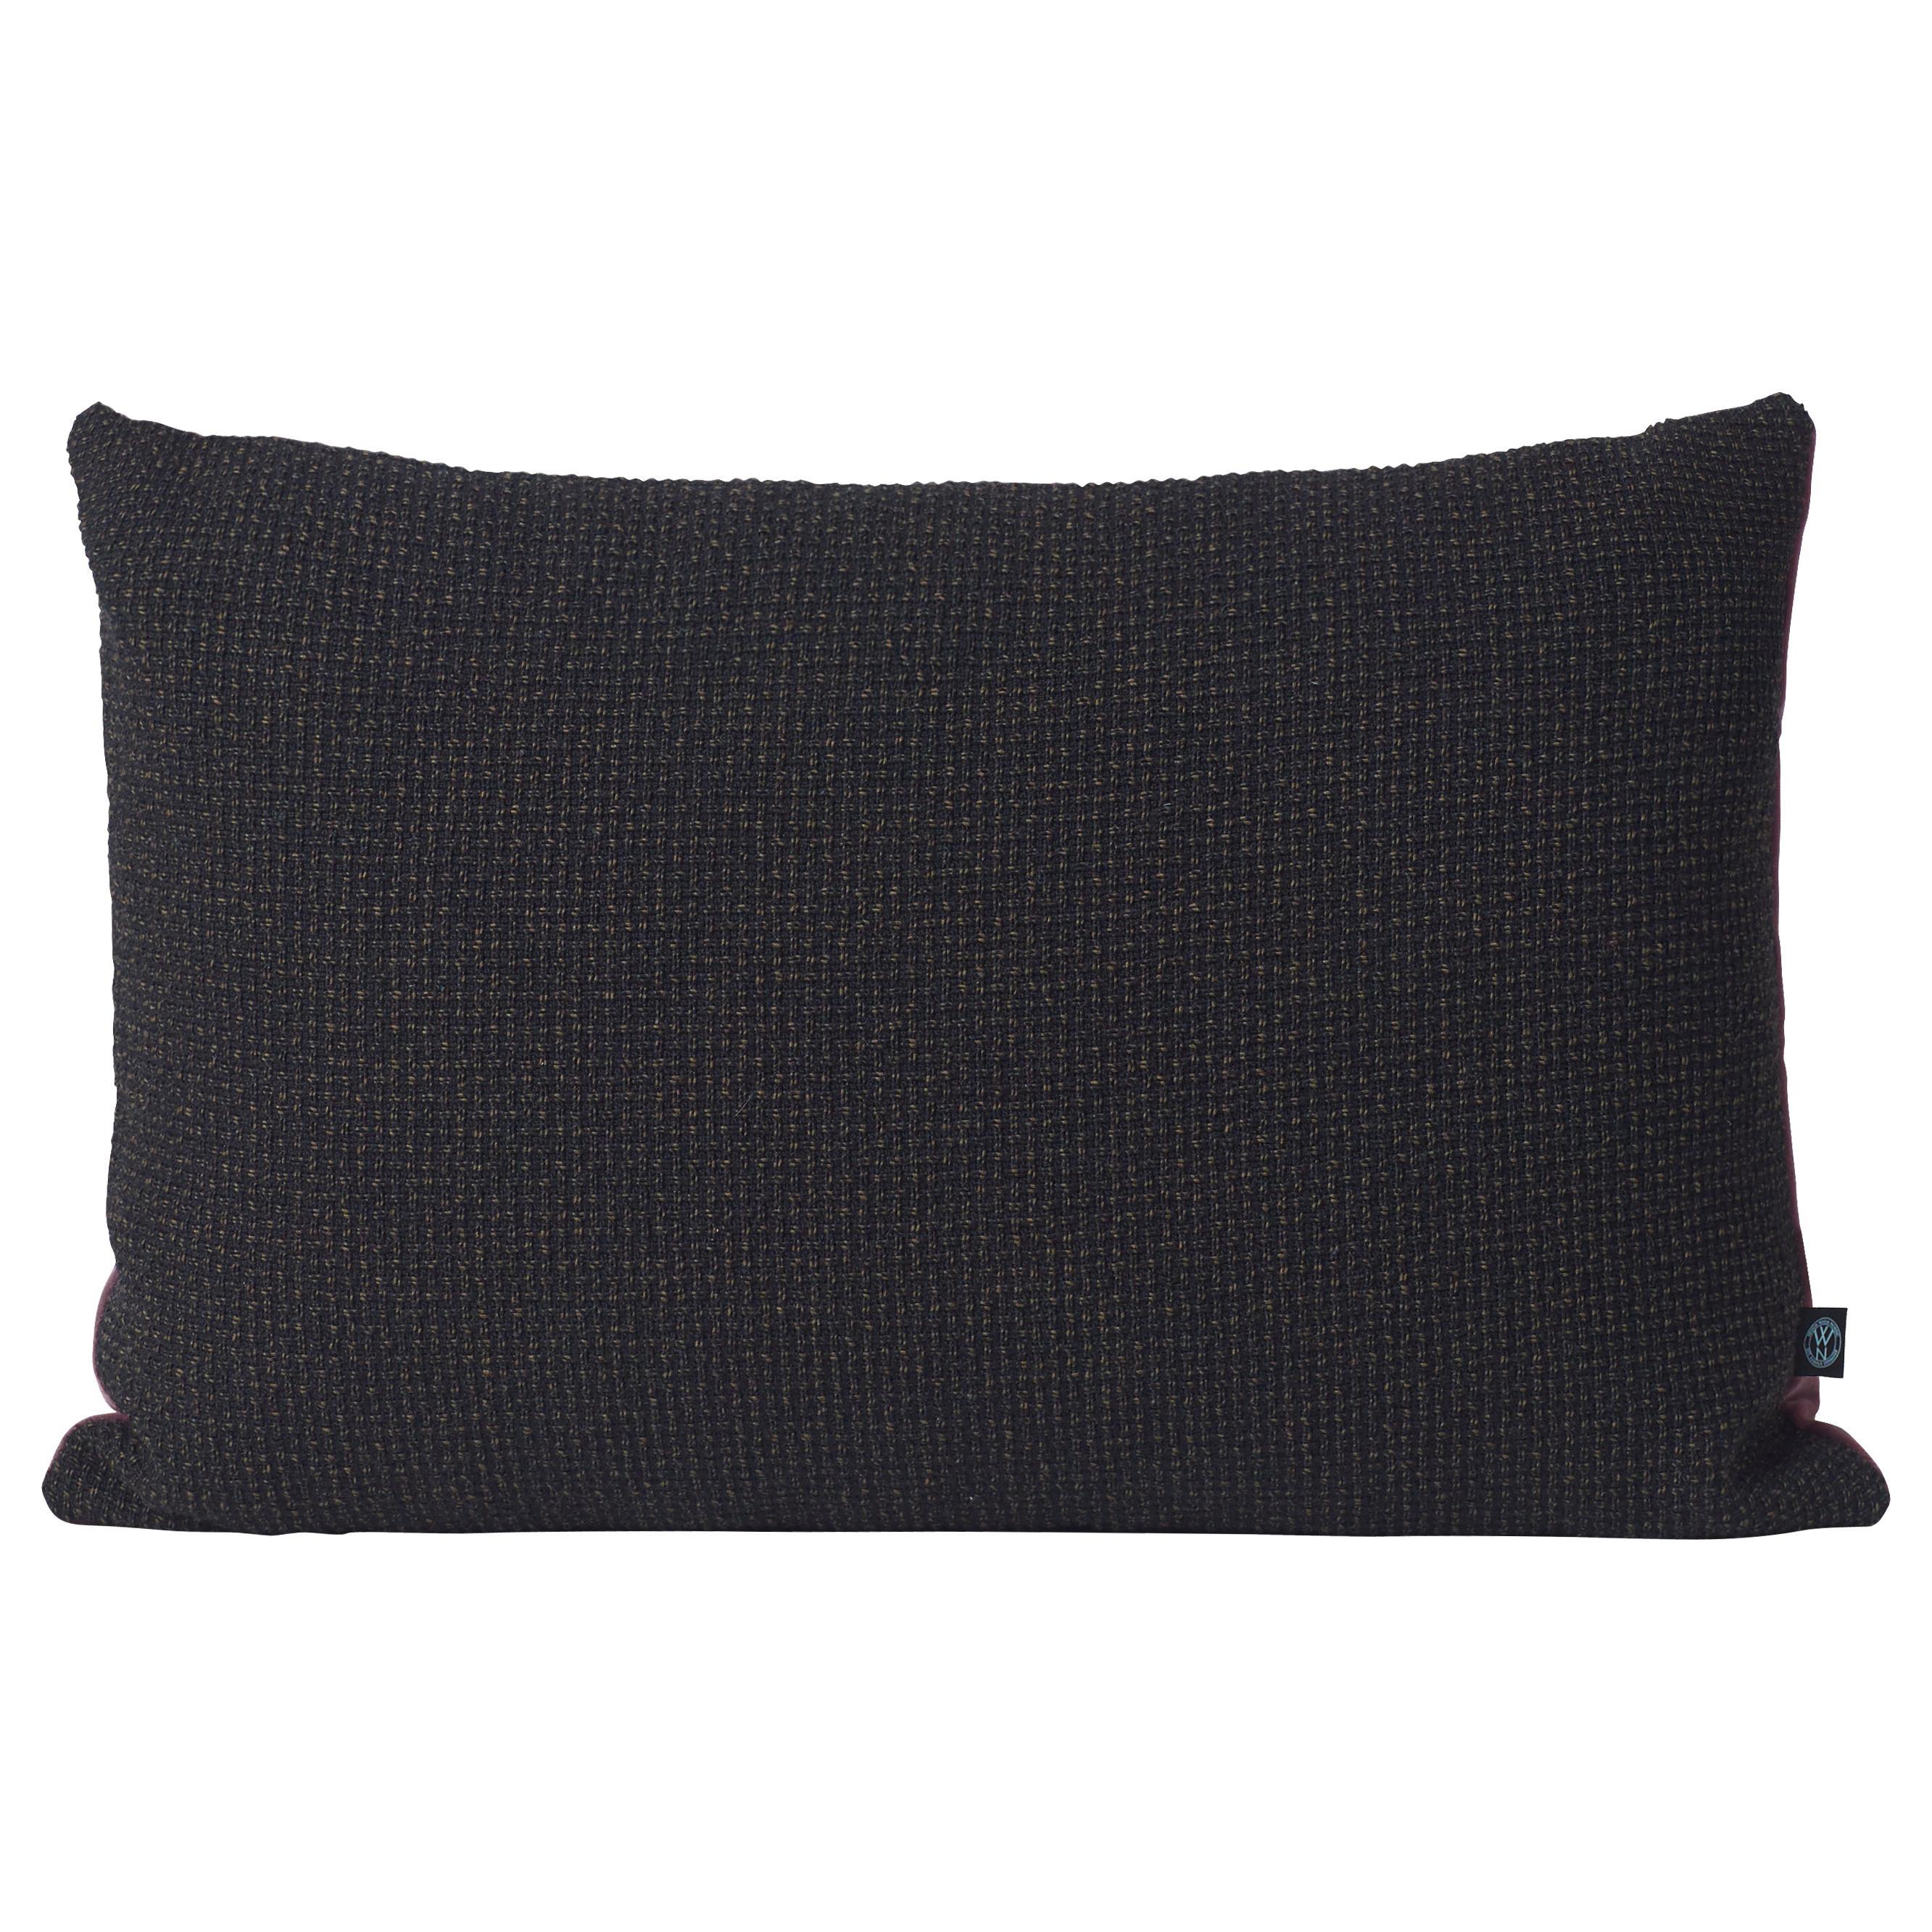 Moodify Cushion, by Warm Nordic